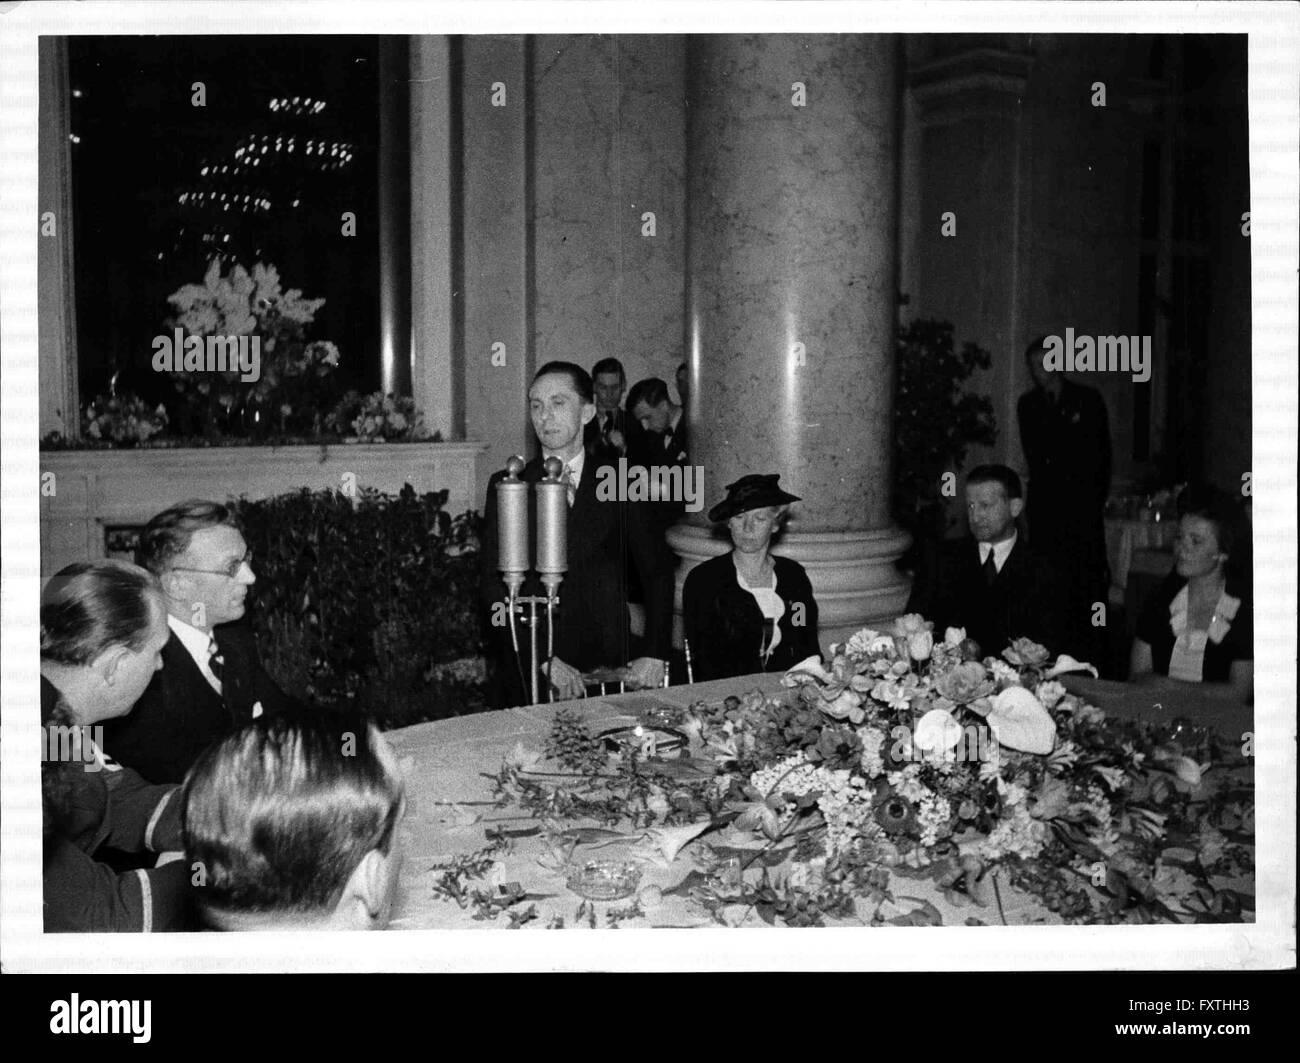 Empfang der Film- und Bühnenschaffenden Wiens durch Goebbels - Stock Image